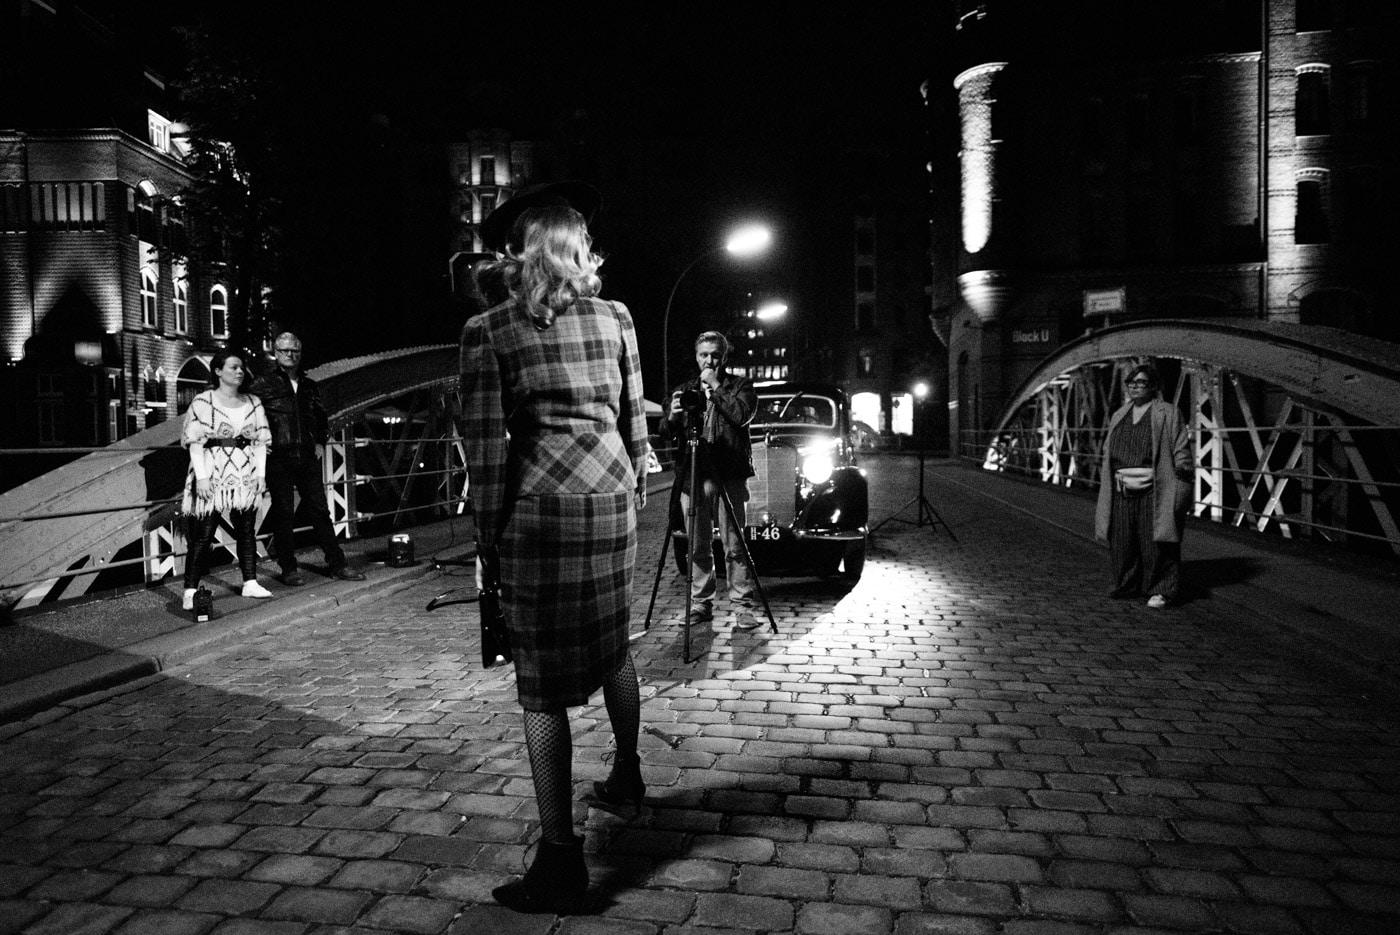 behind_the_scenes_cinephonie_noir-14